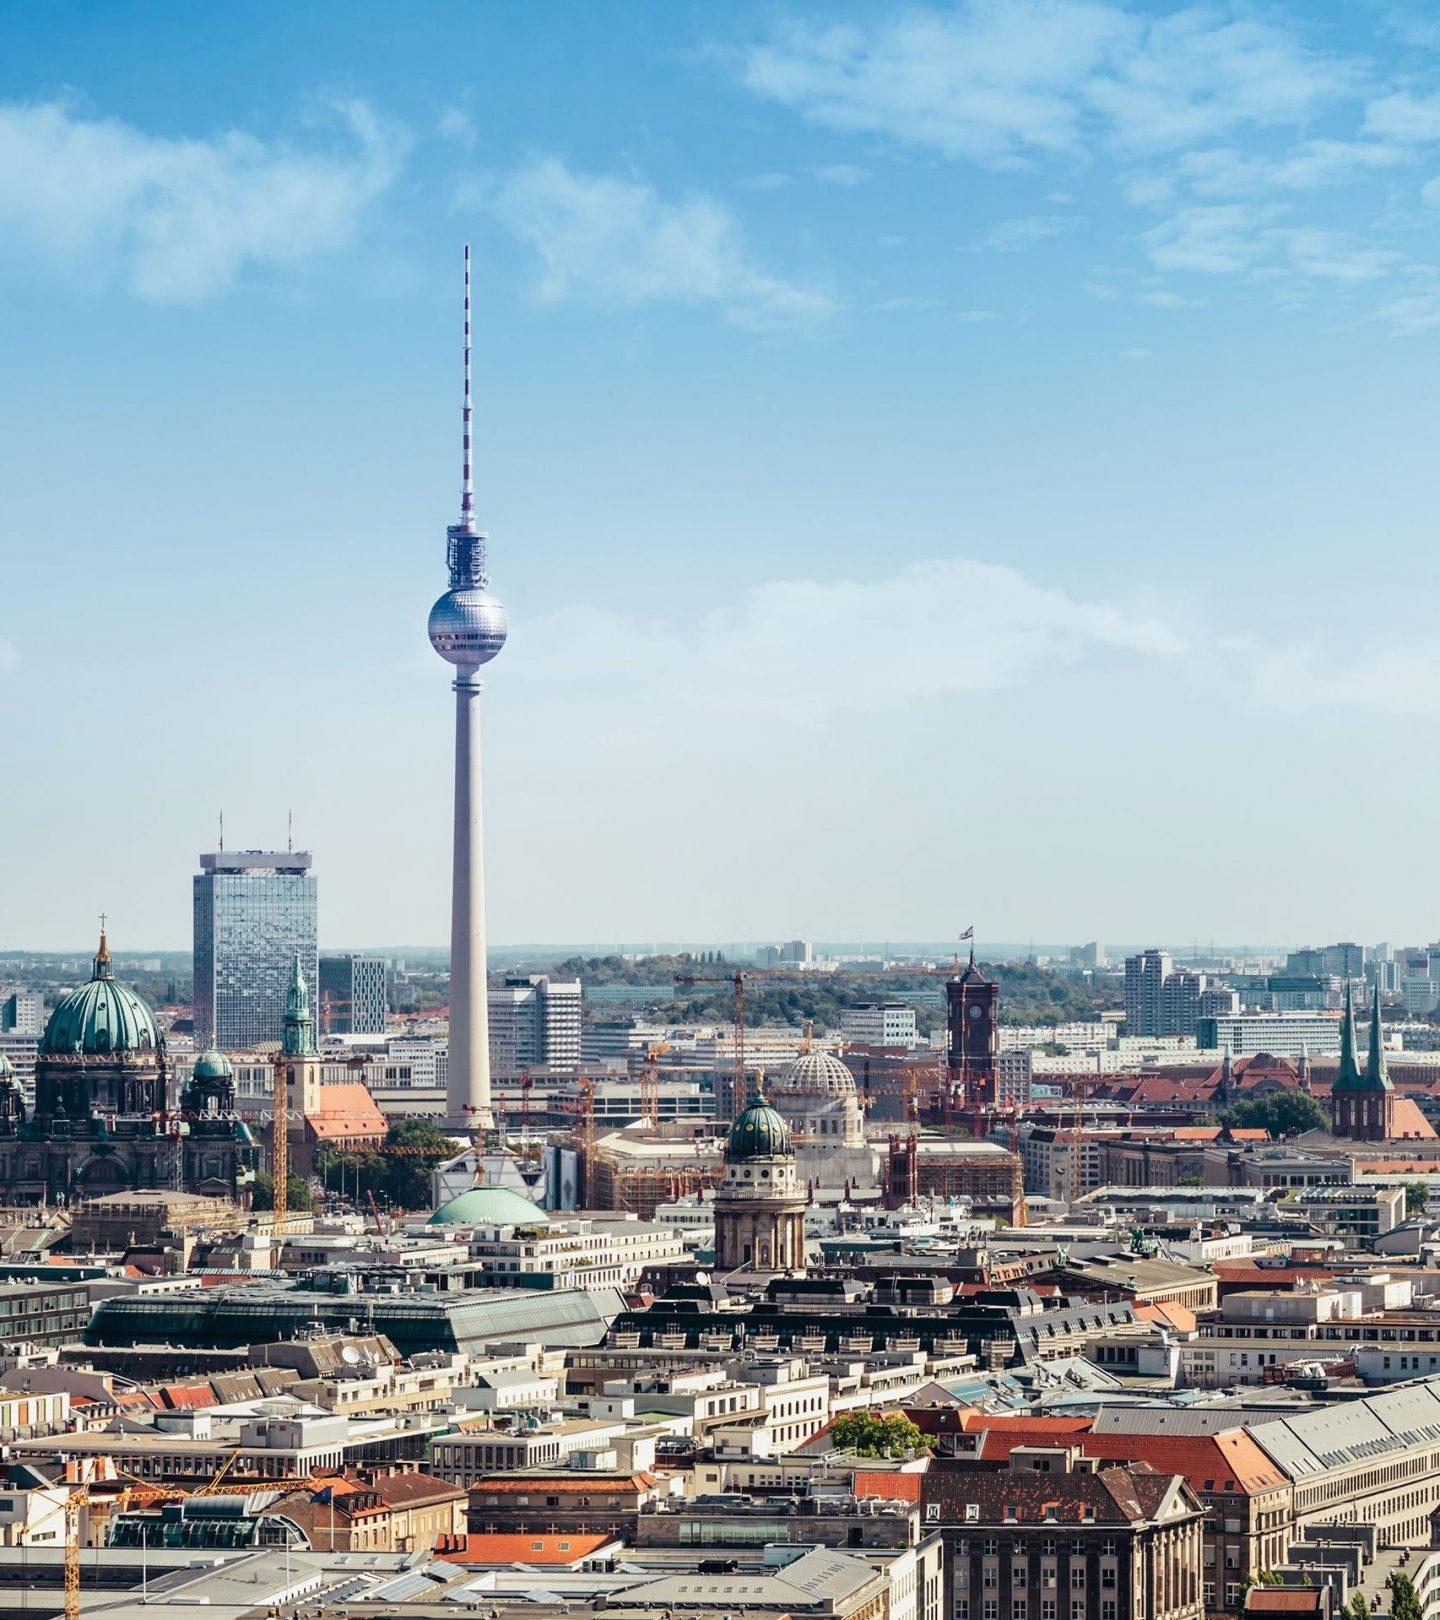 Immobilienmarkt Deutschland - Skyline Berlin